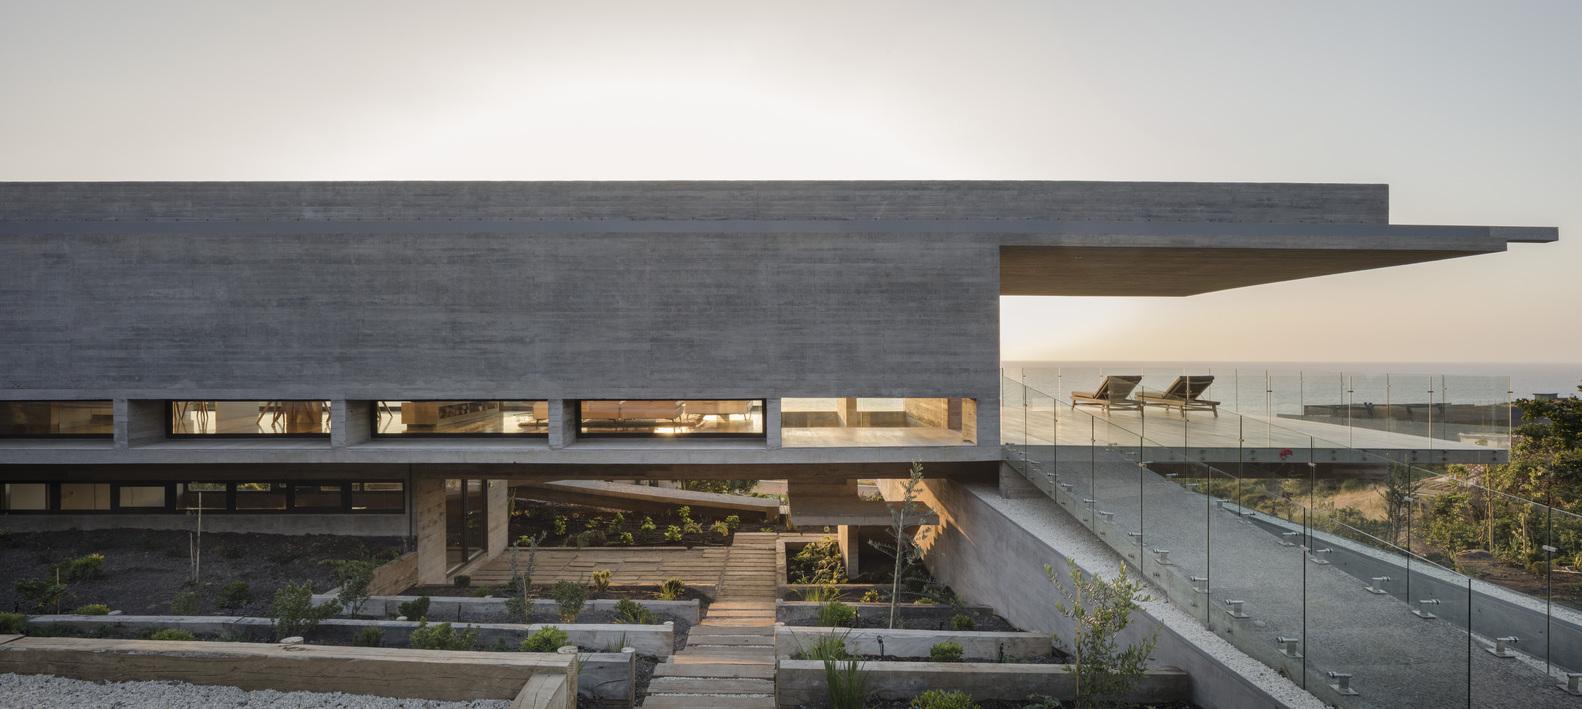 10_House H_Felipe Assadi Arquitectos_Inspirationist